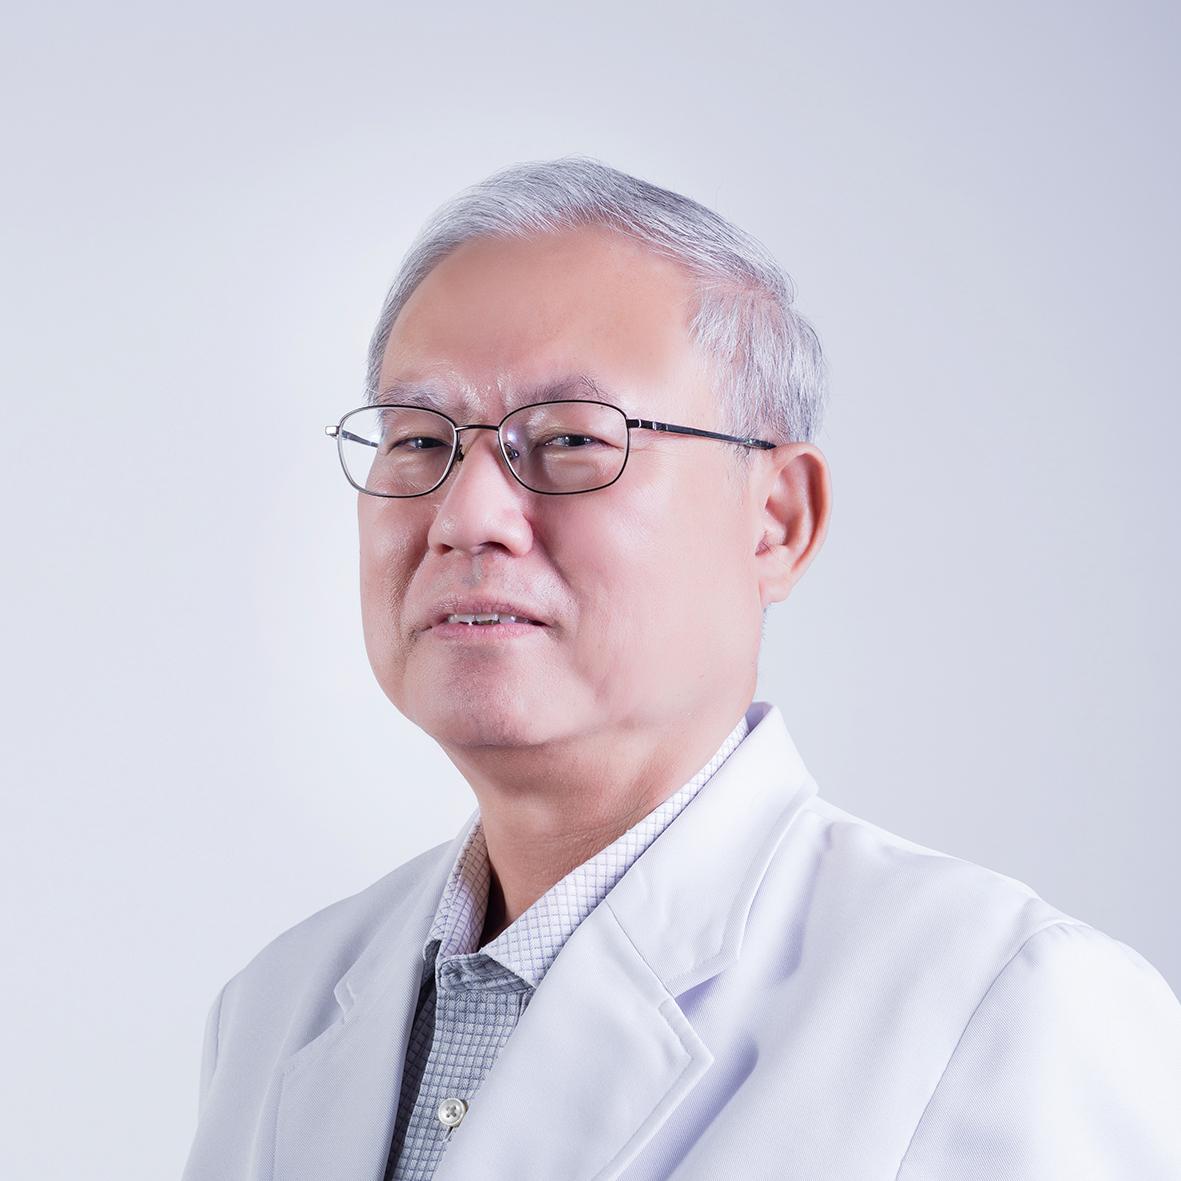 Teo Kok Keong